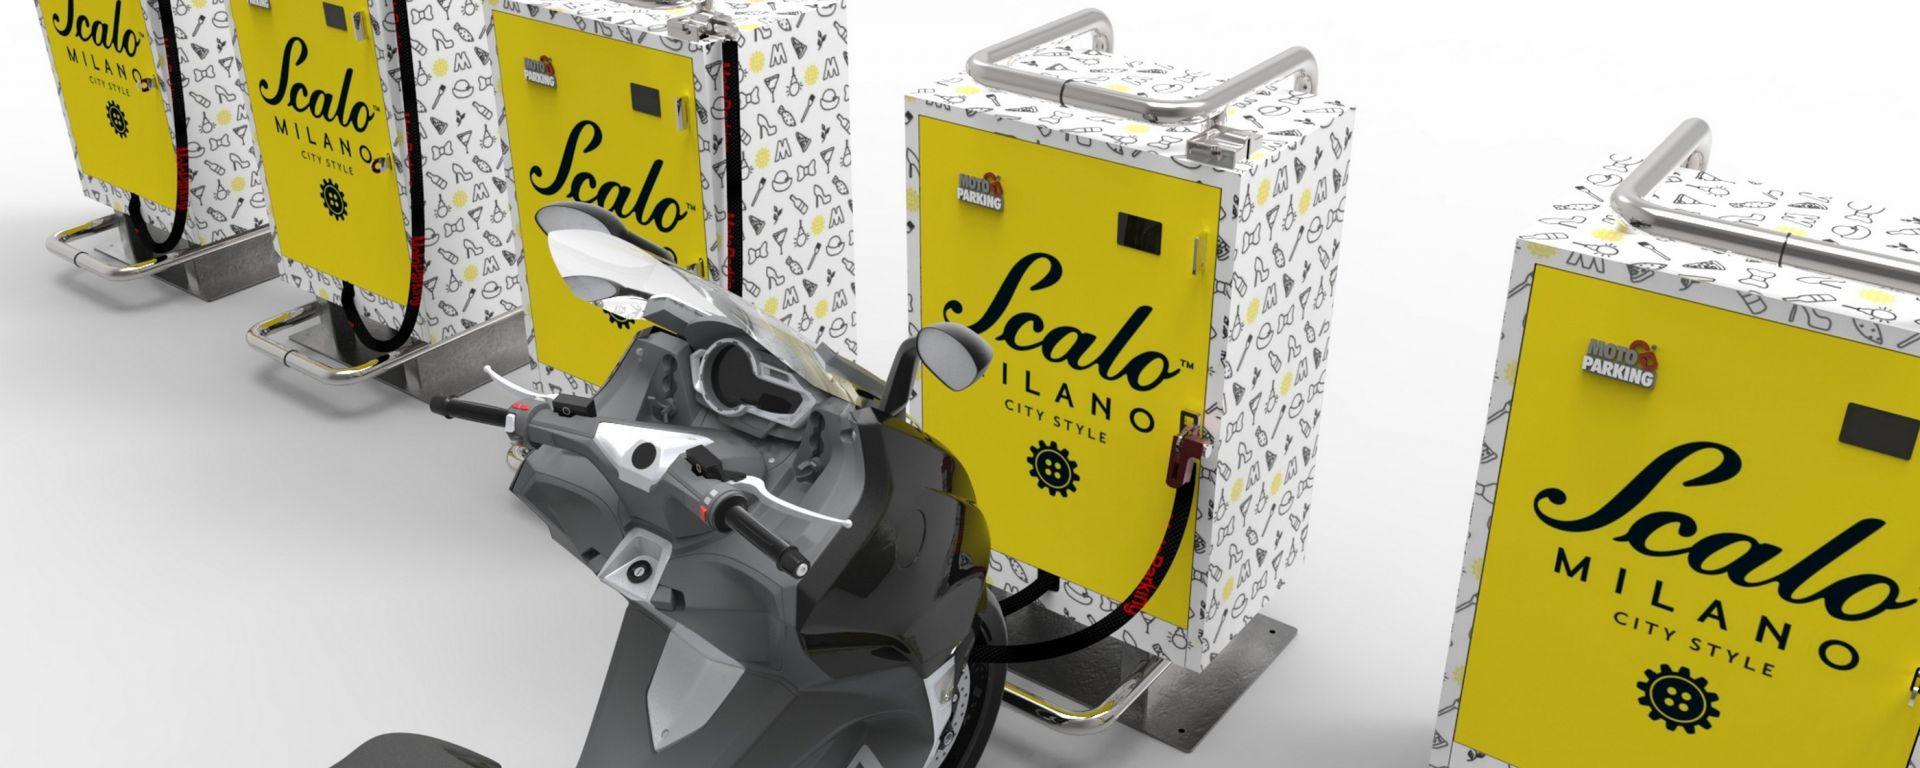 Motoparking Scalo Milano